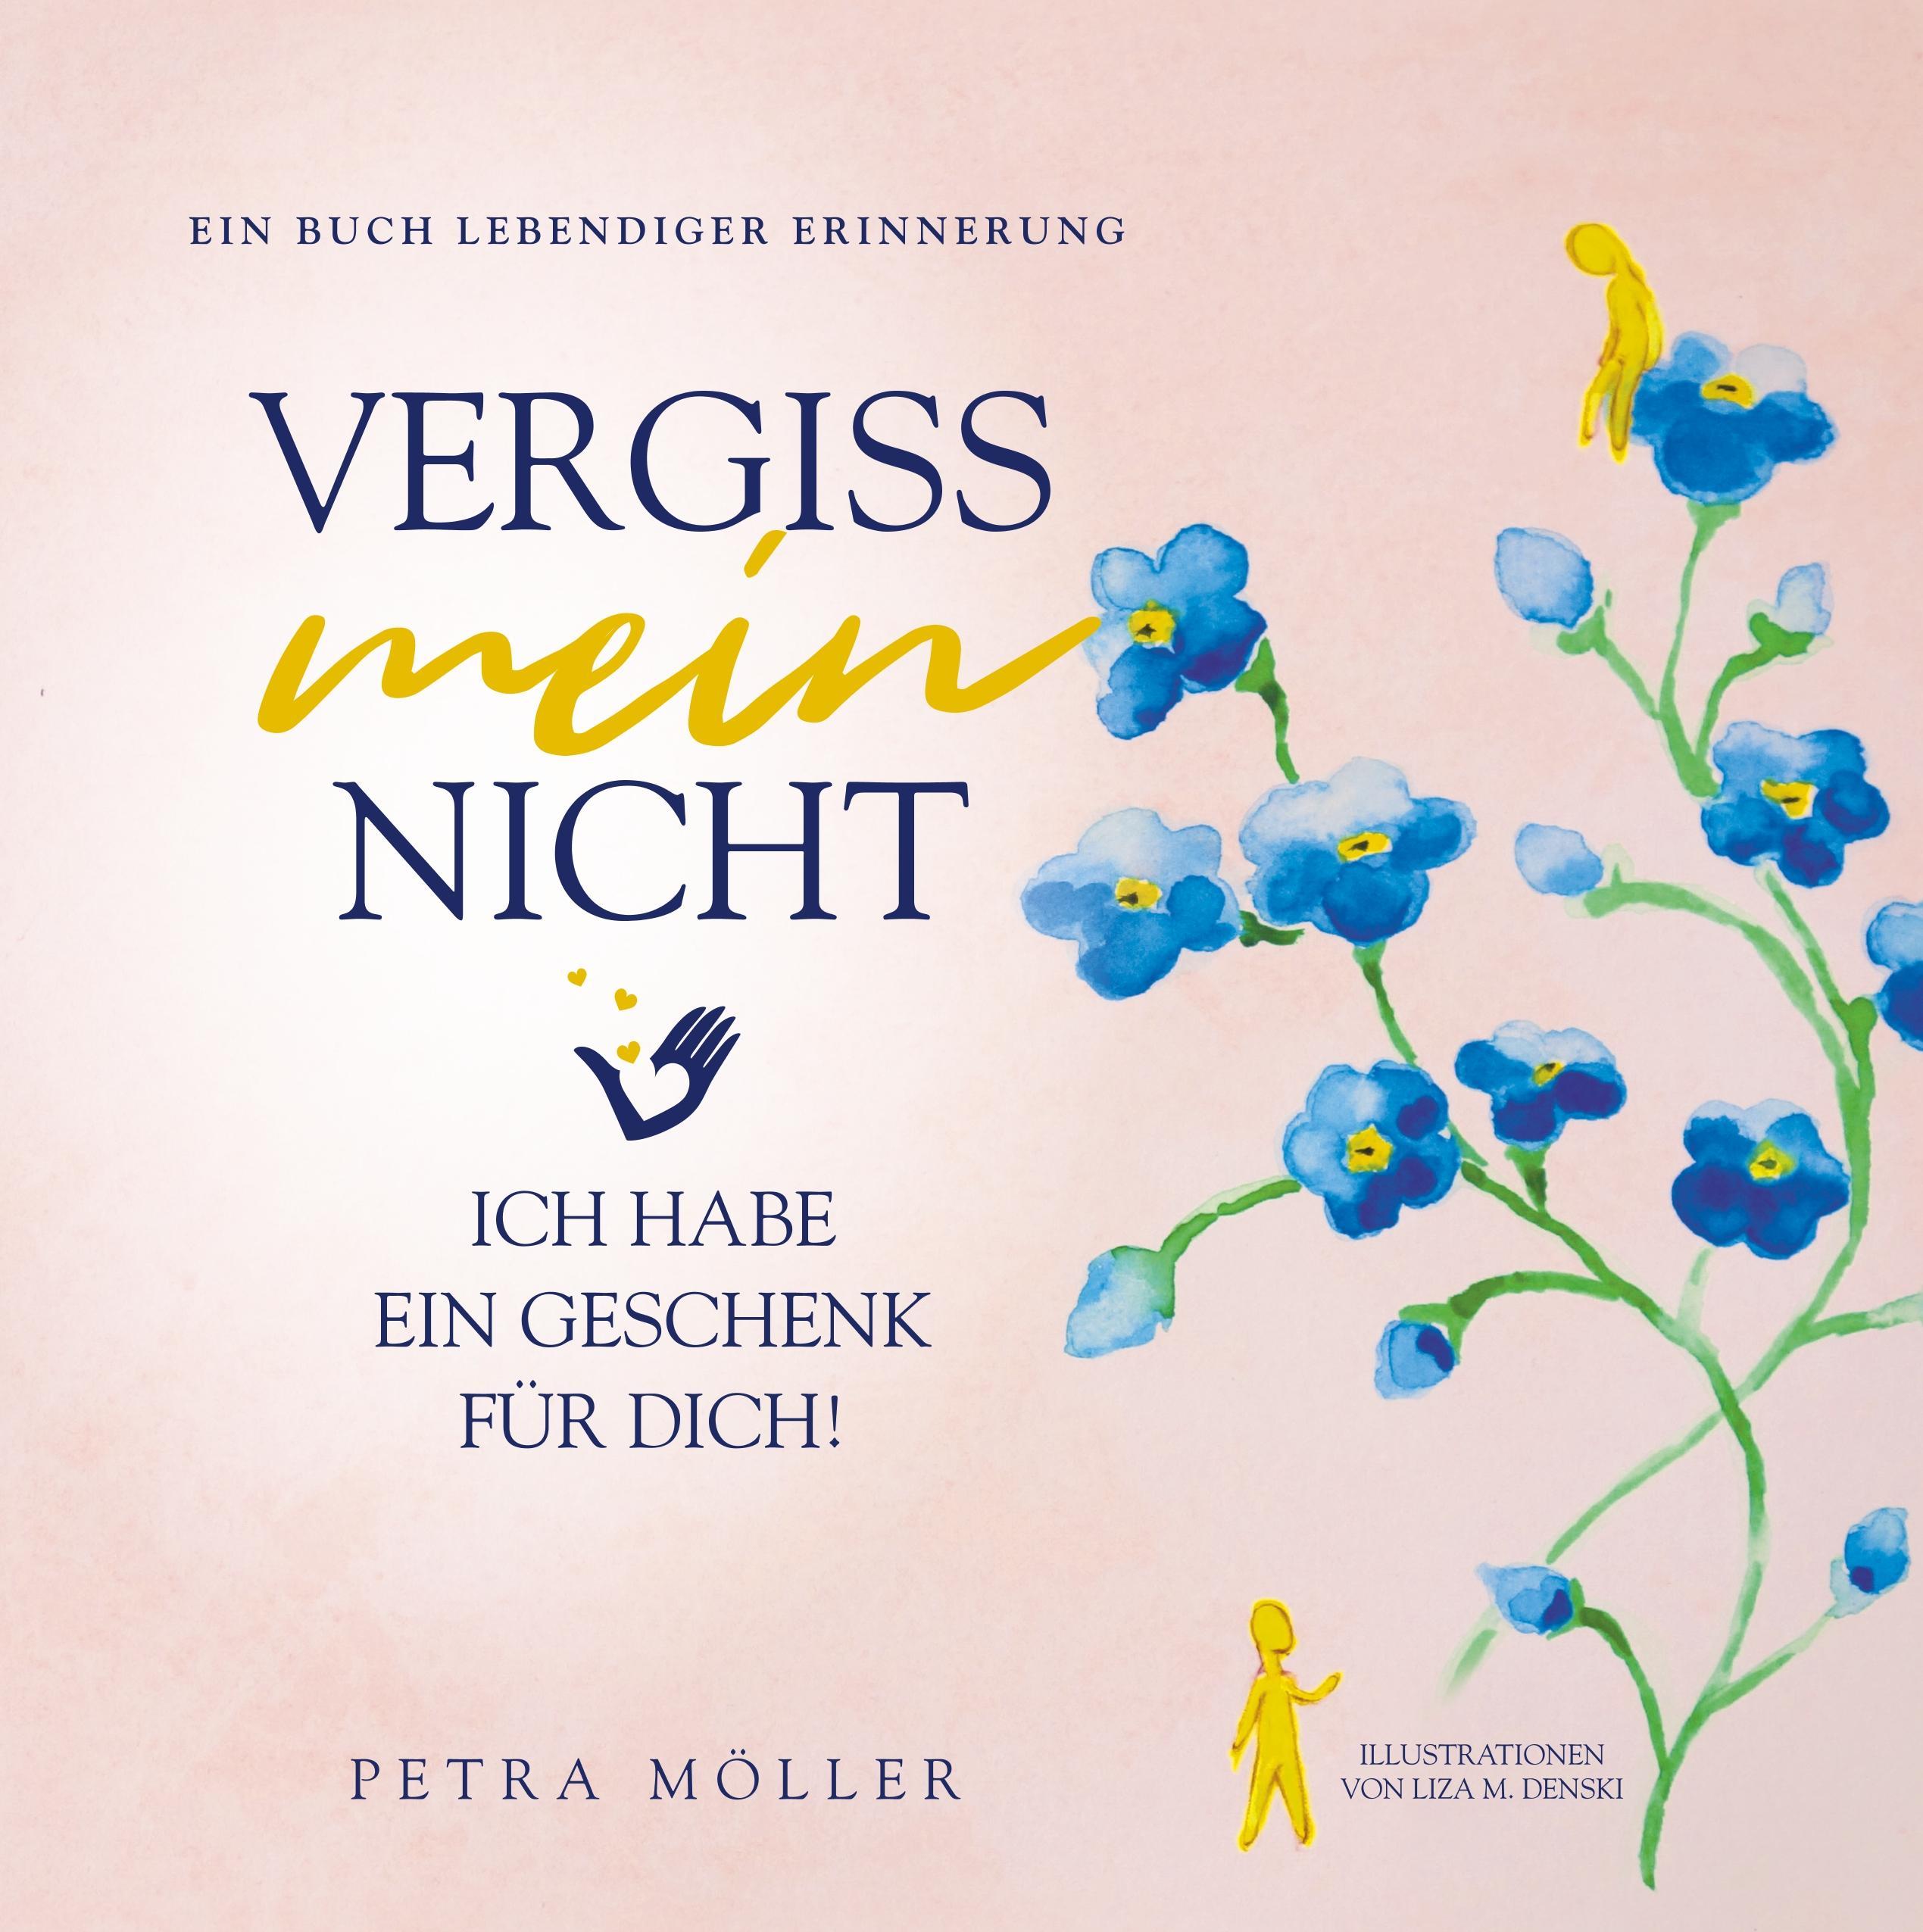 Vergiss mein nicht  Ich habe ein Geschenk für Dich  Petra Möller  Buch  HC runder Rücken kaschiert  Deutsch  2019 - Möller, Petra